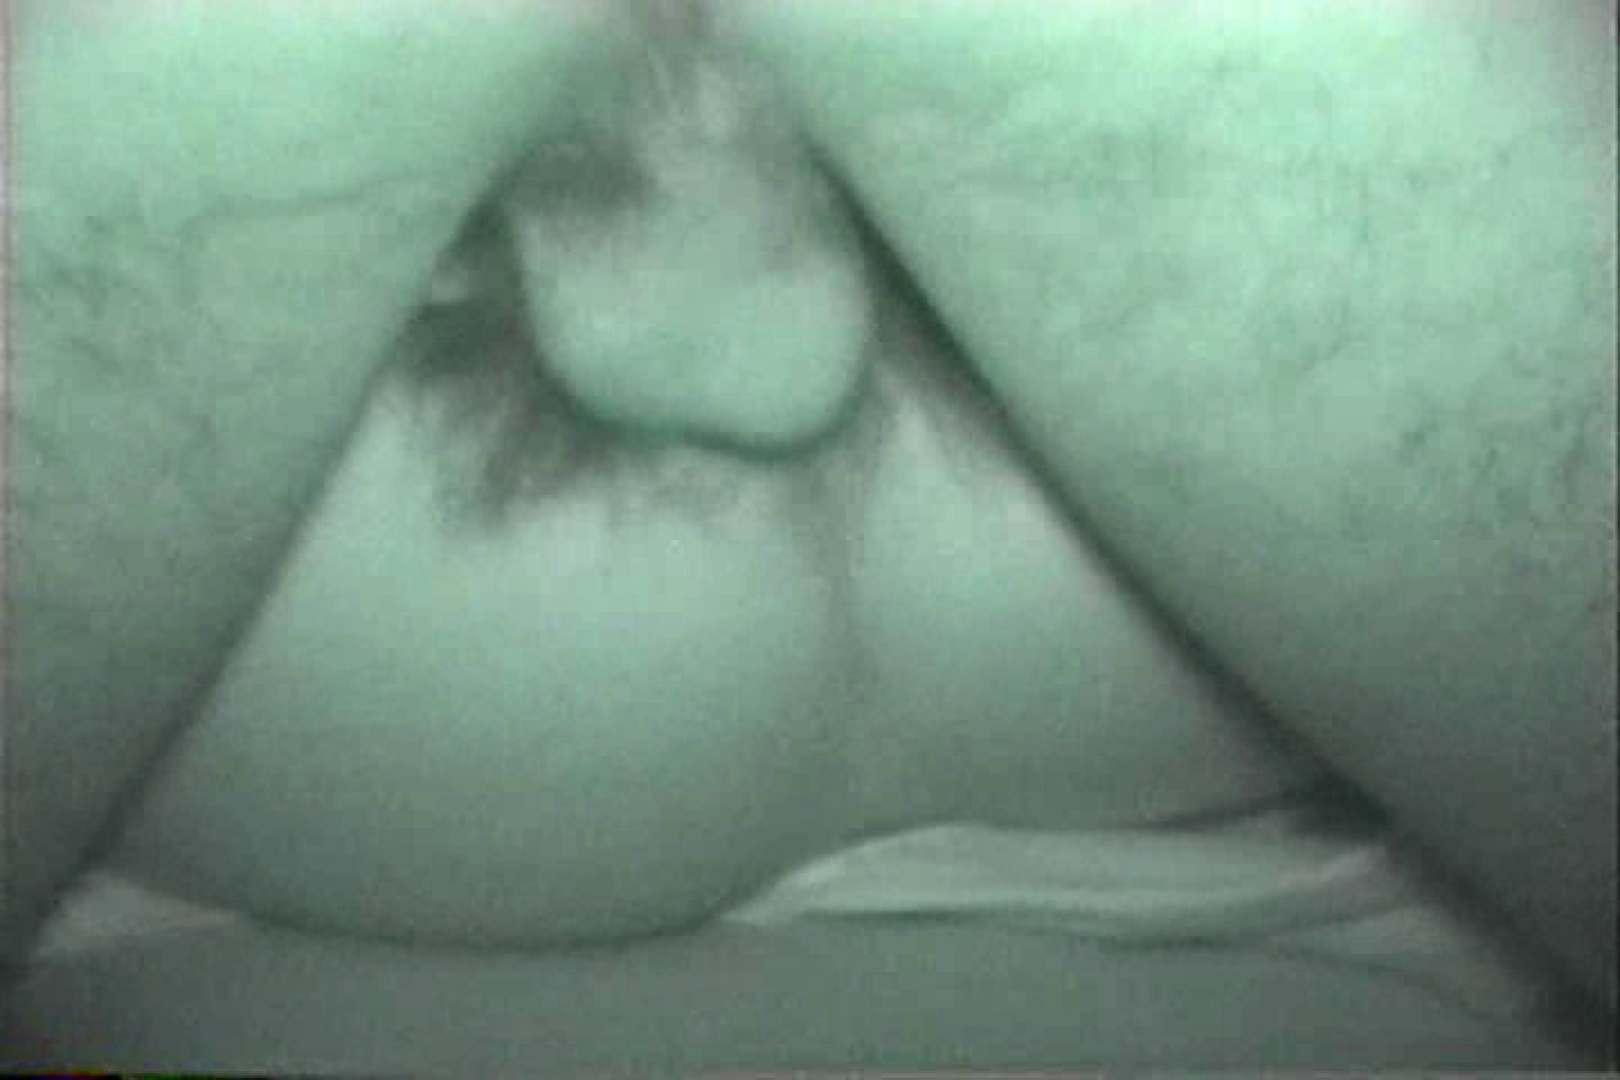 カーセックス未編集・無修正版 Vol.11後編 カーセックス セックス無修正動画無料 67画像 15